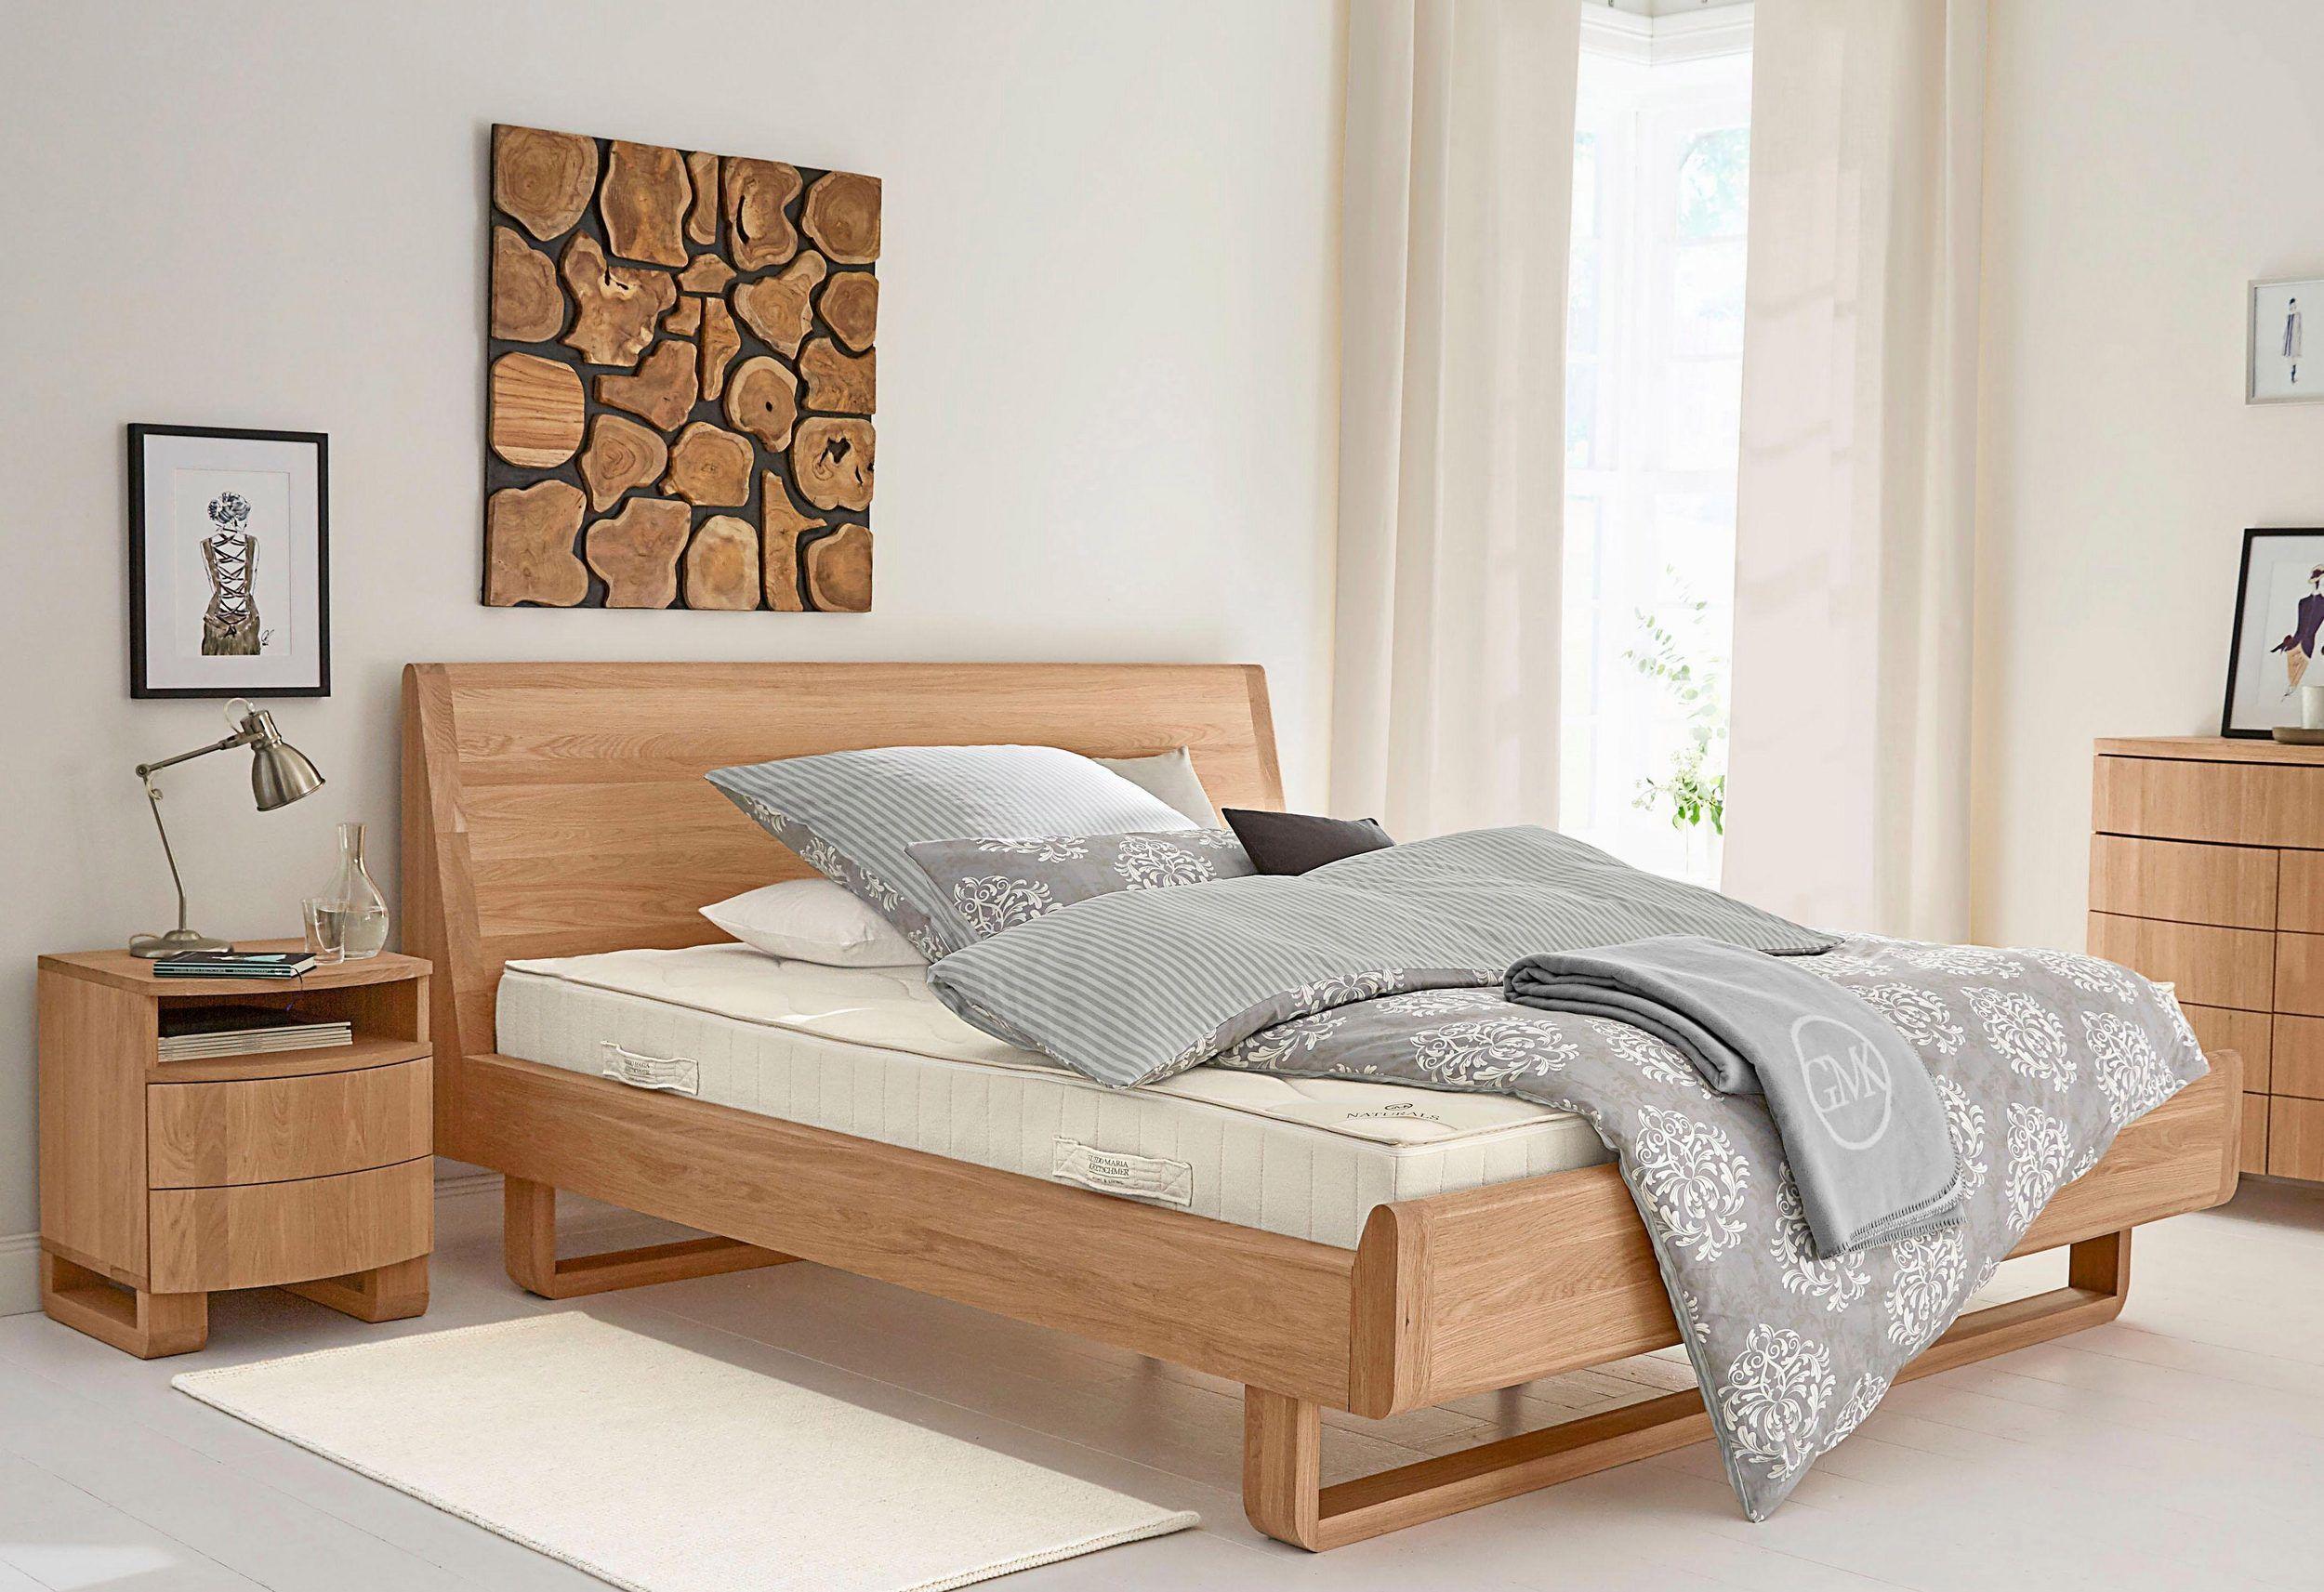 Welches Bett gmk home living bett janno aus massiver eiche 2 breiten